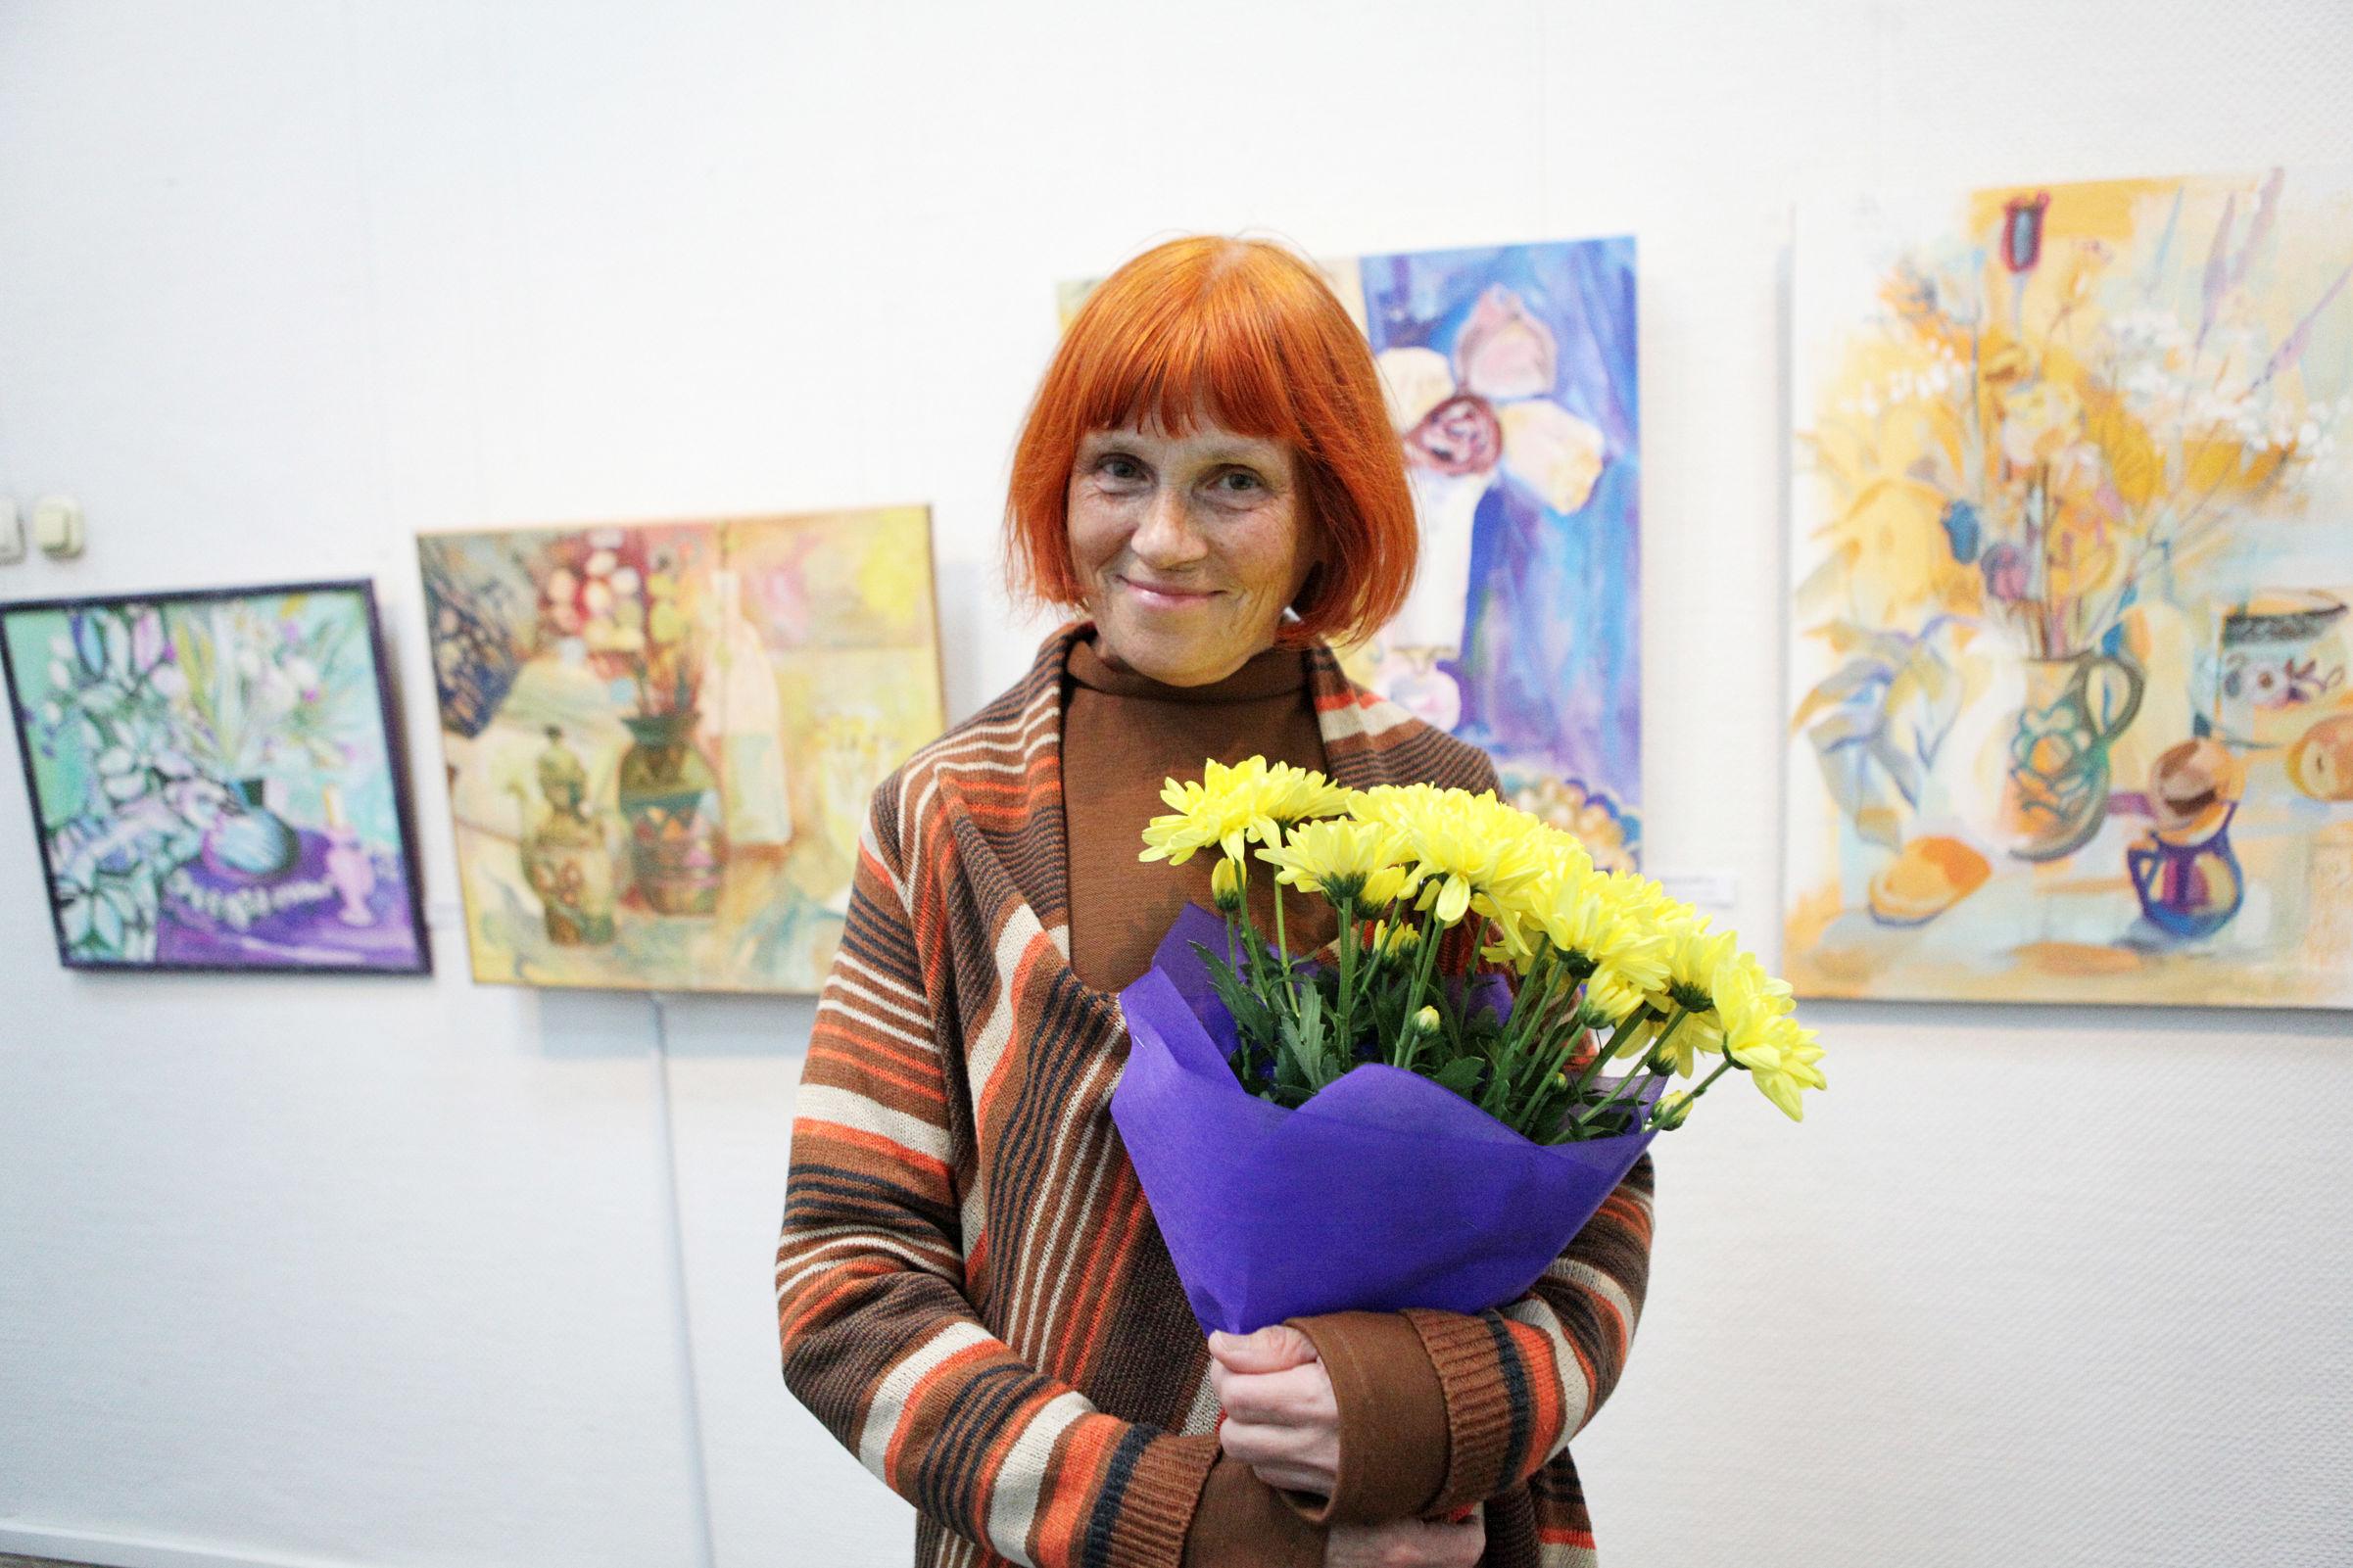 Выставка в Ярославле через натюрморты рассказала истории вещей